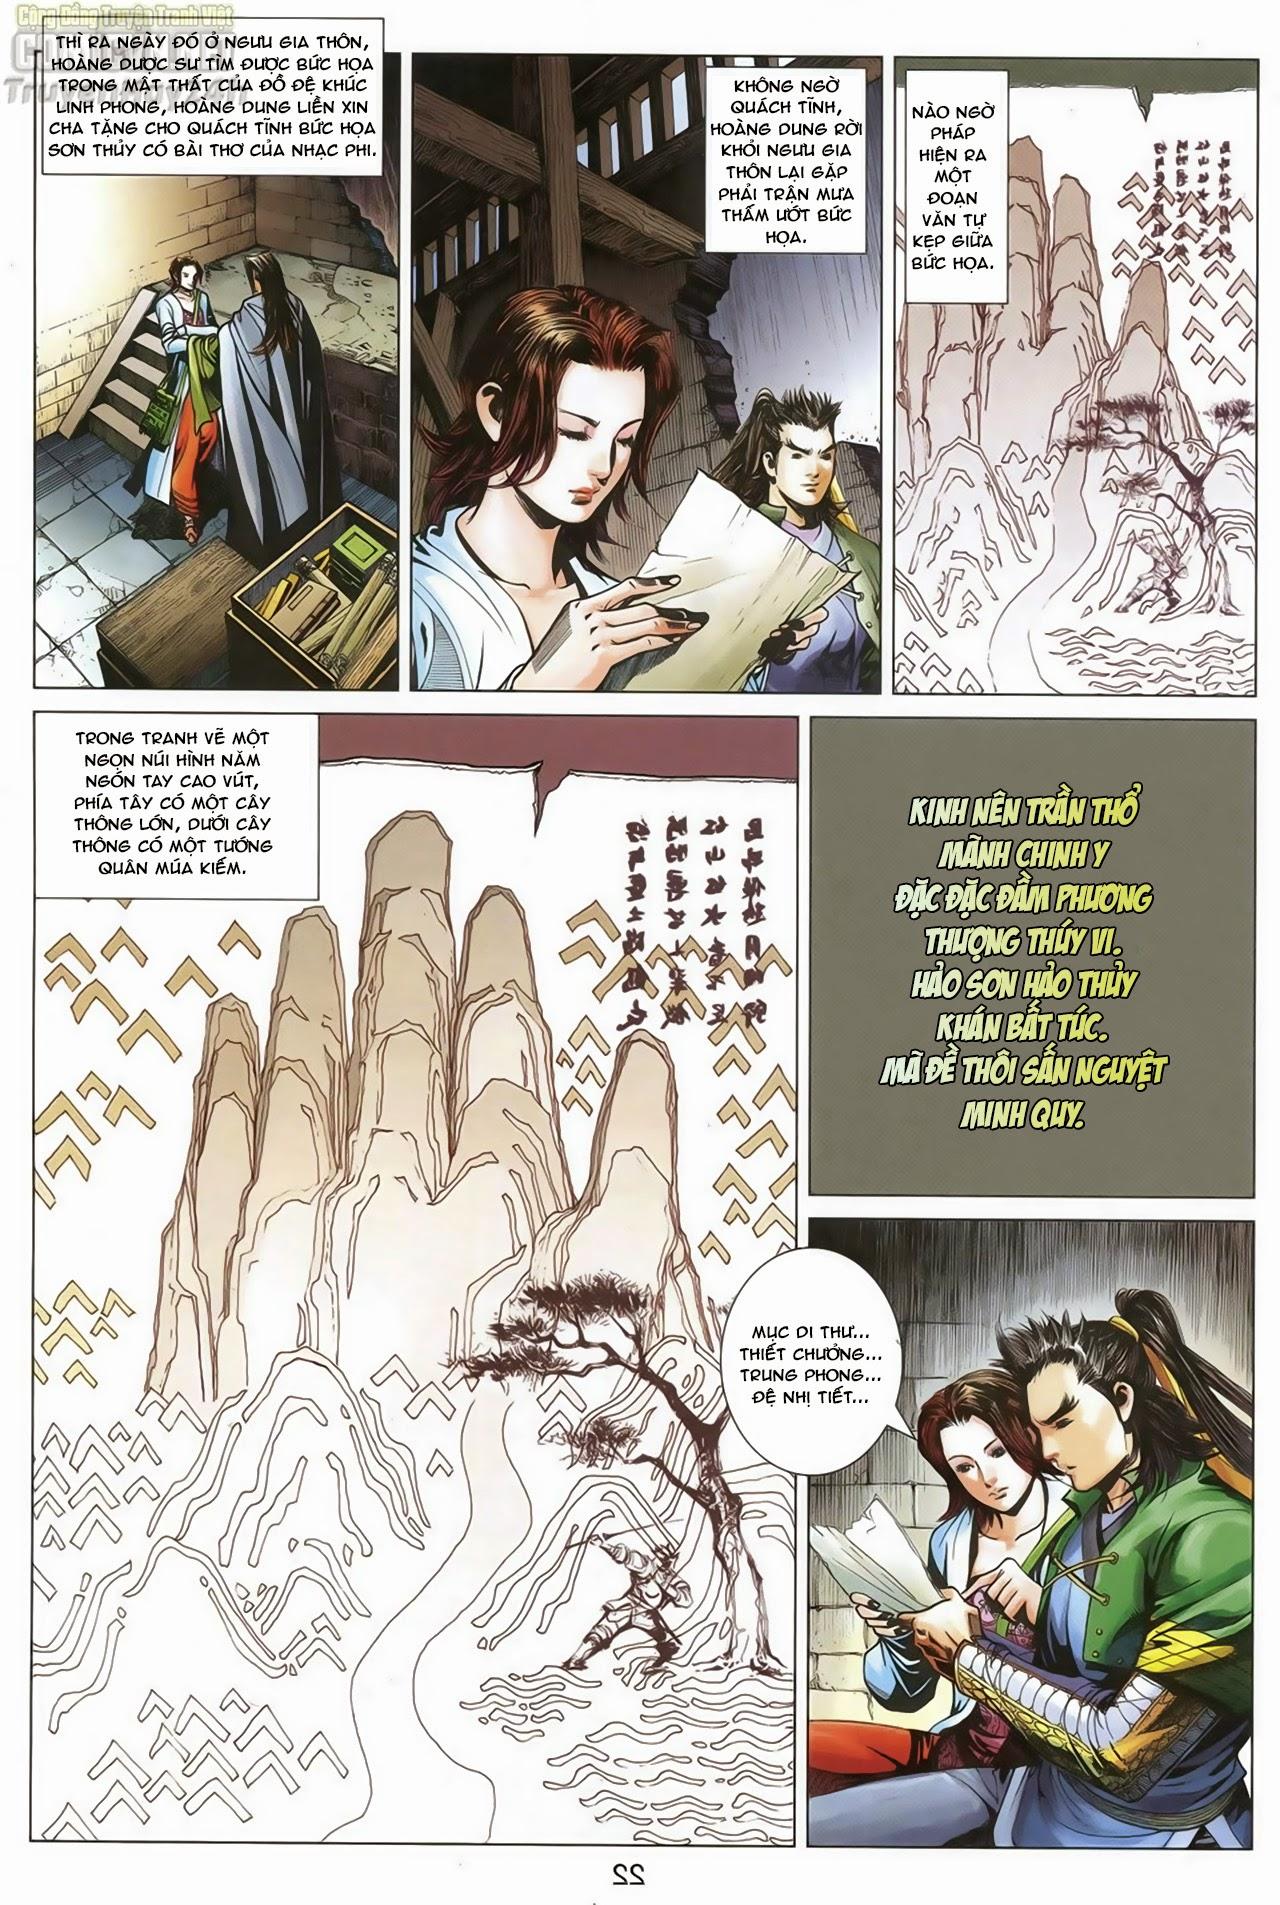 xem truyen moi - Anh Hùng Xạ Điêu - Chapter 68: Di Thư Chân Kinh - Lừa Tình